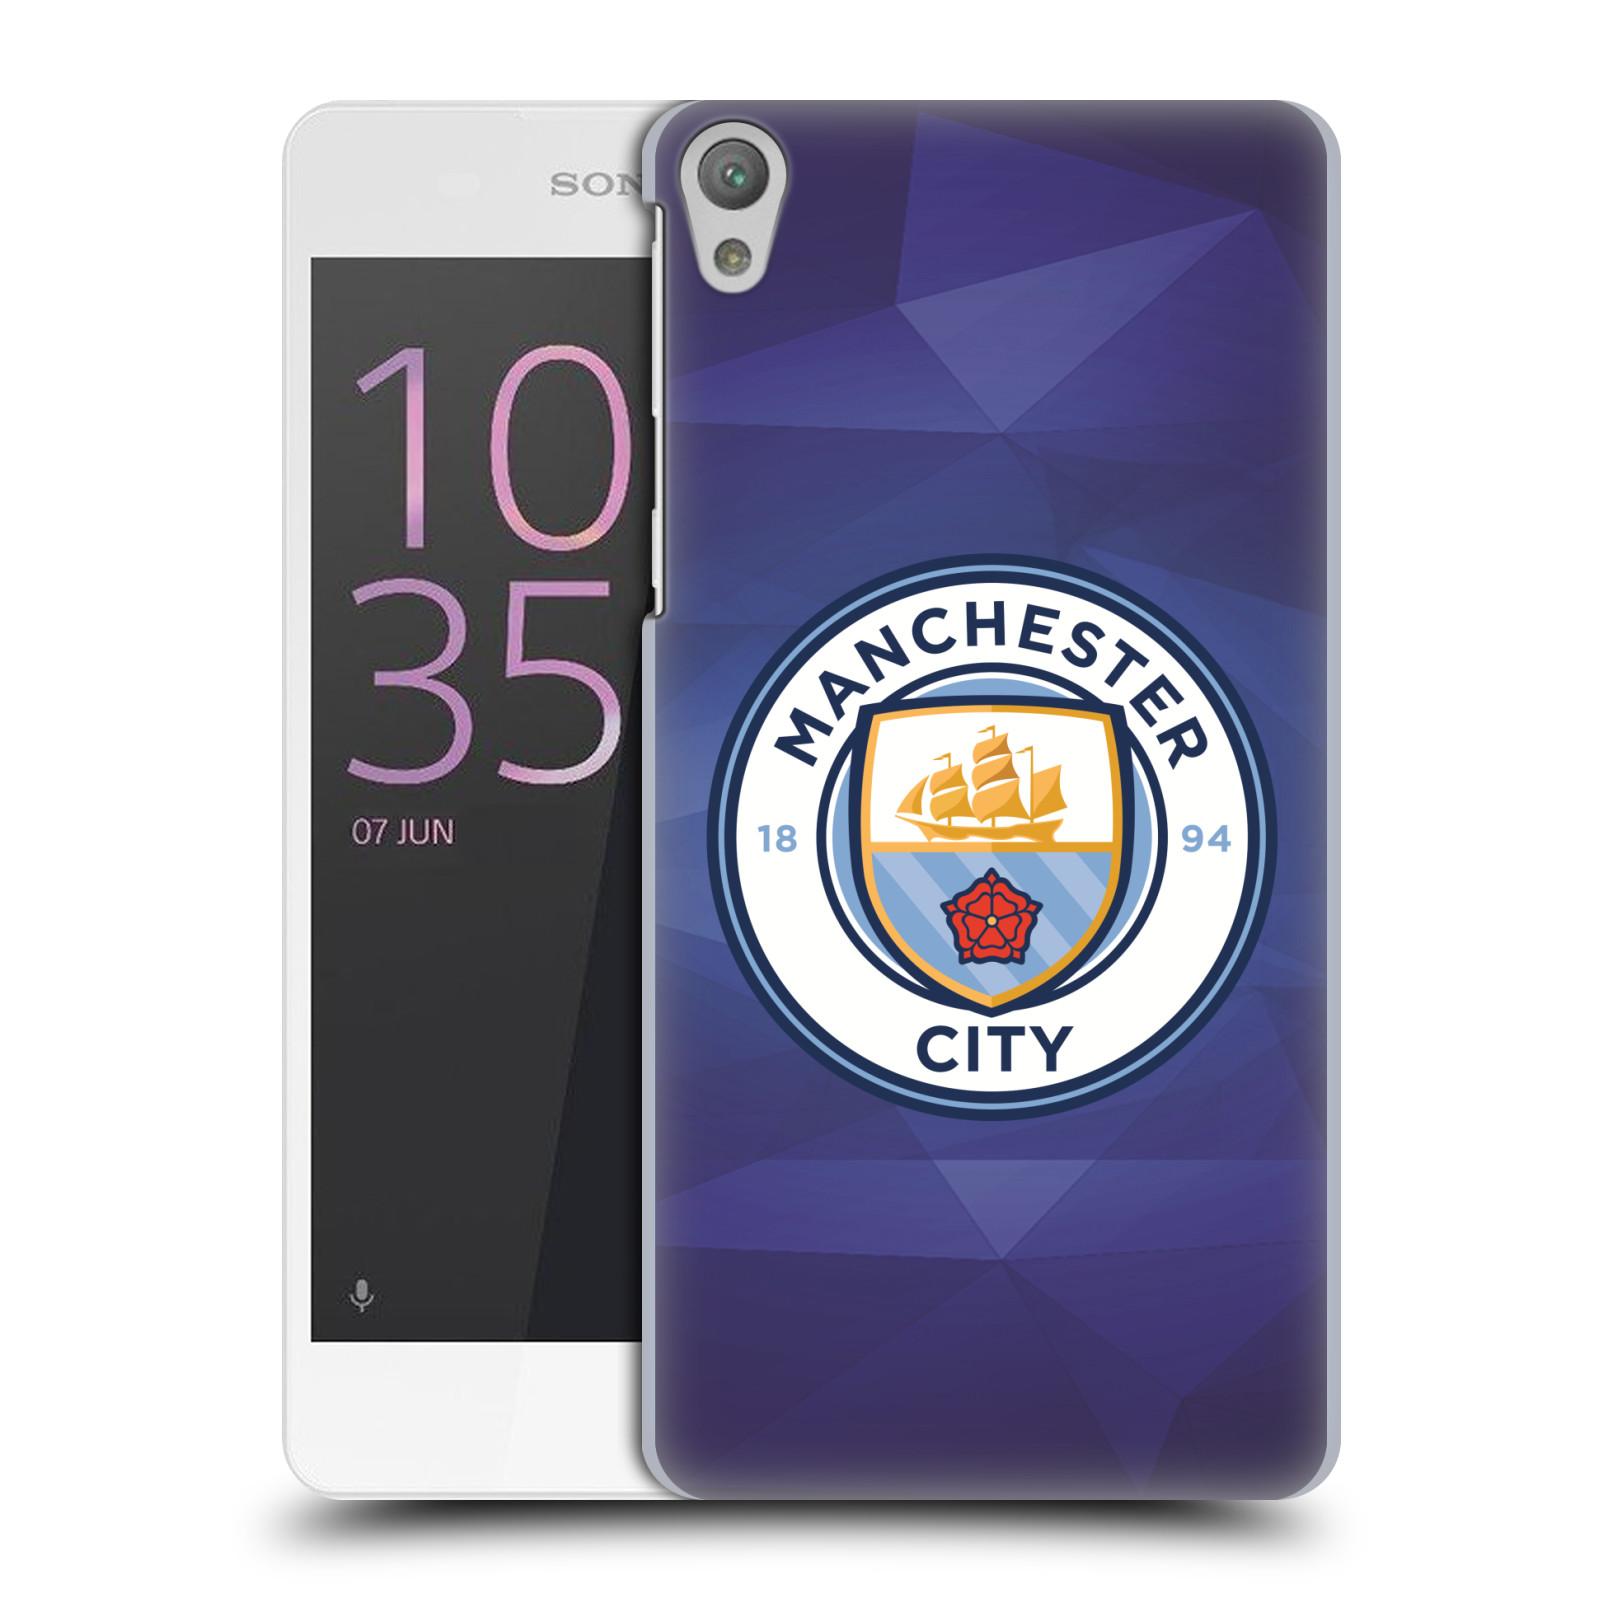 Plastové pouzdro na mobil Sony Xperia E5 HEAD CASE Manchester City FC - Modré nové logo